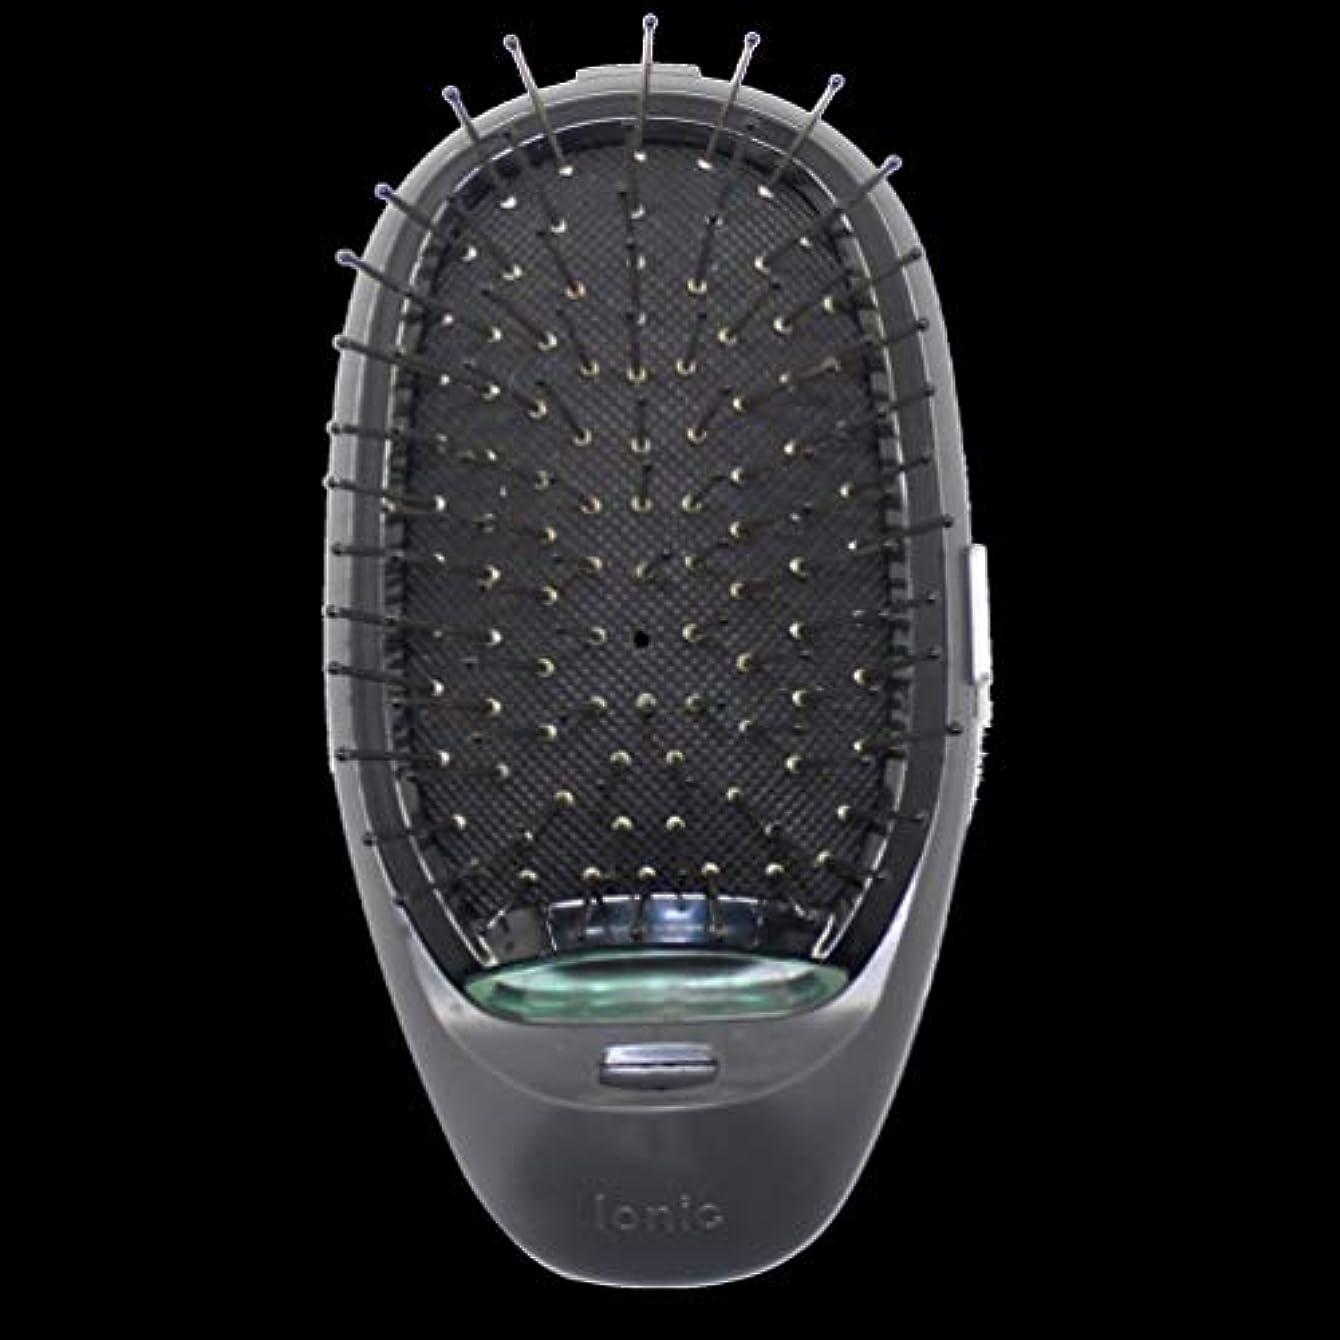 苛性感謝祭スタンド電動マッサージヘアブラシミニマイナスイオンヘアコム3Dインフレータブルコーム帯電防止ガールズヘアブラシ電池式 - ブラック